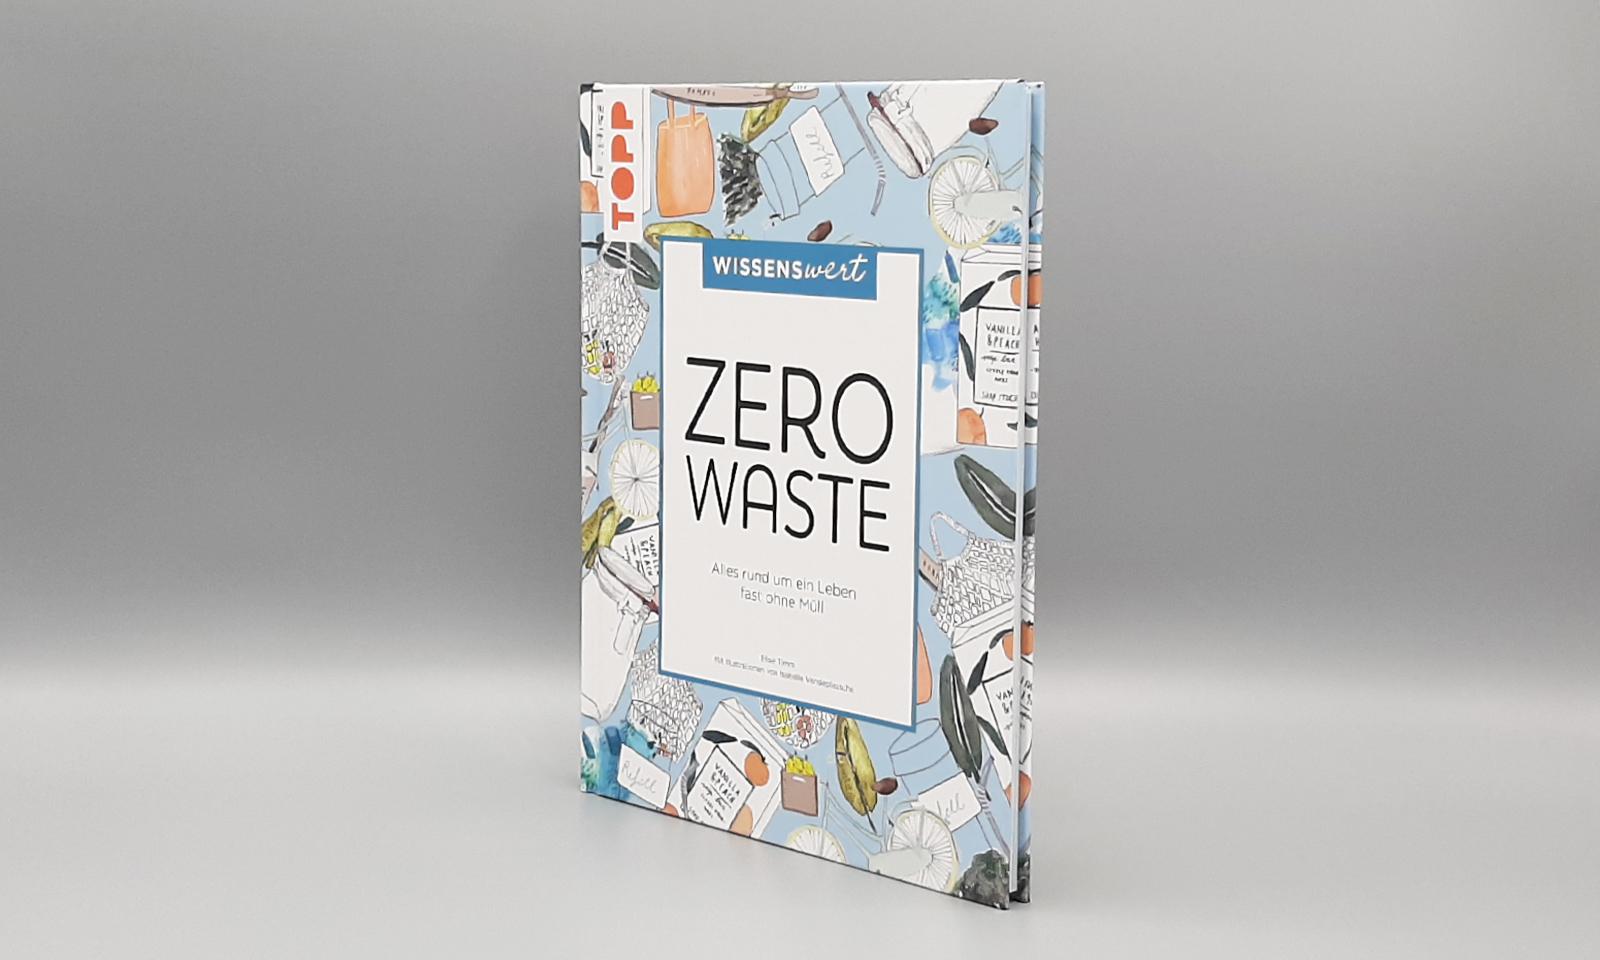 Zero waste1